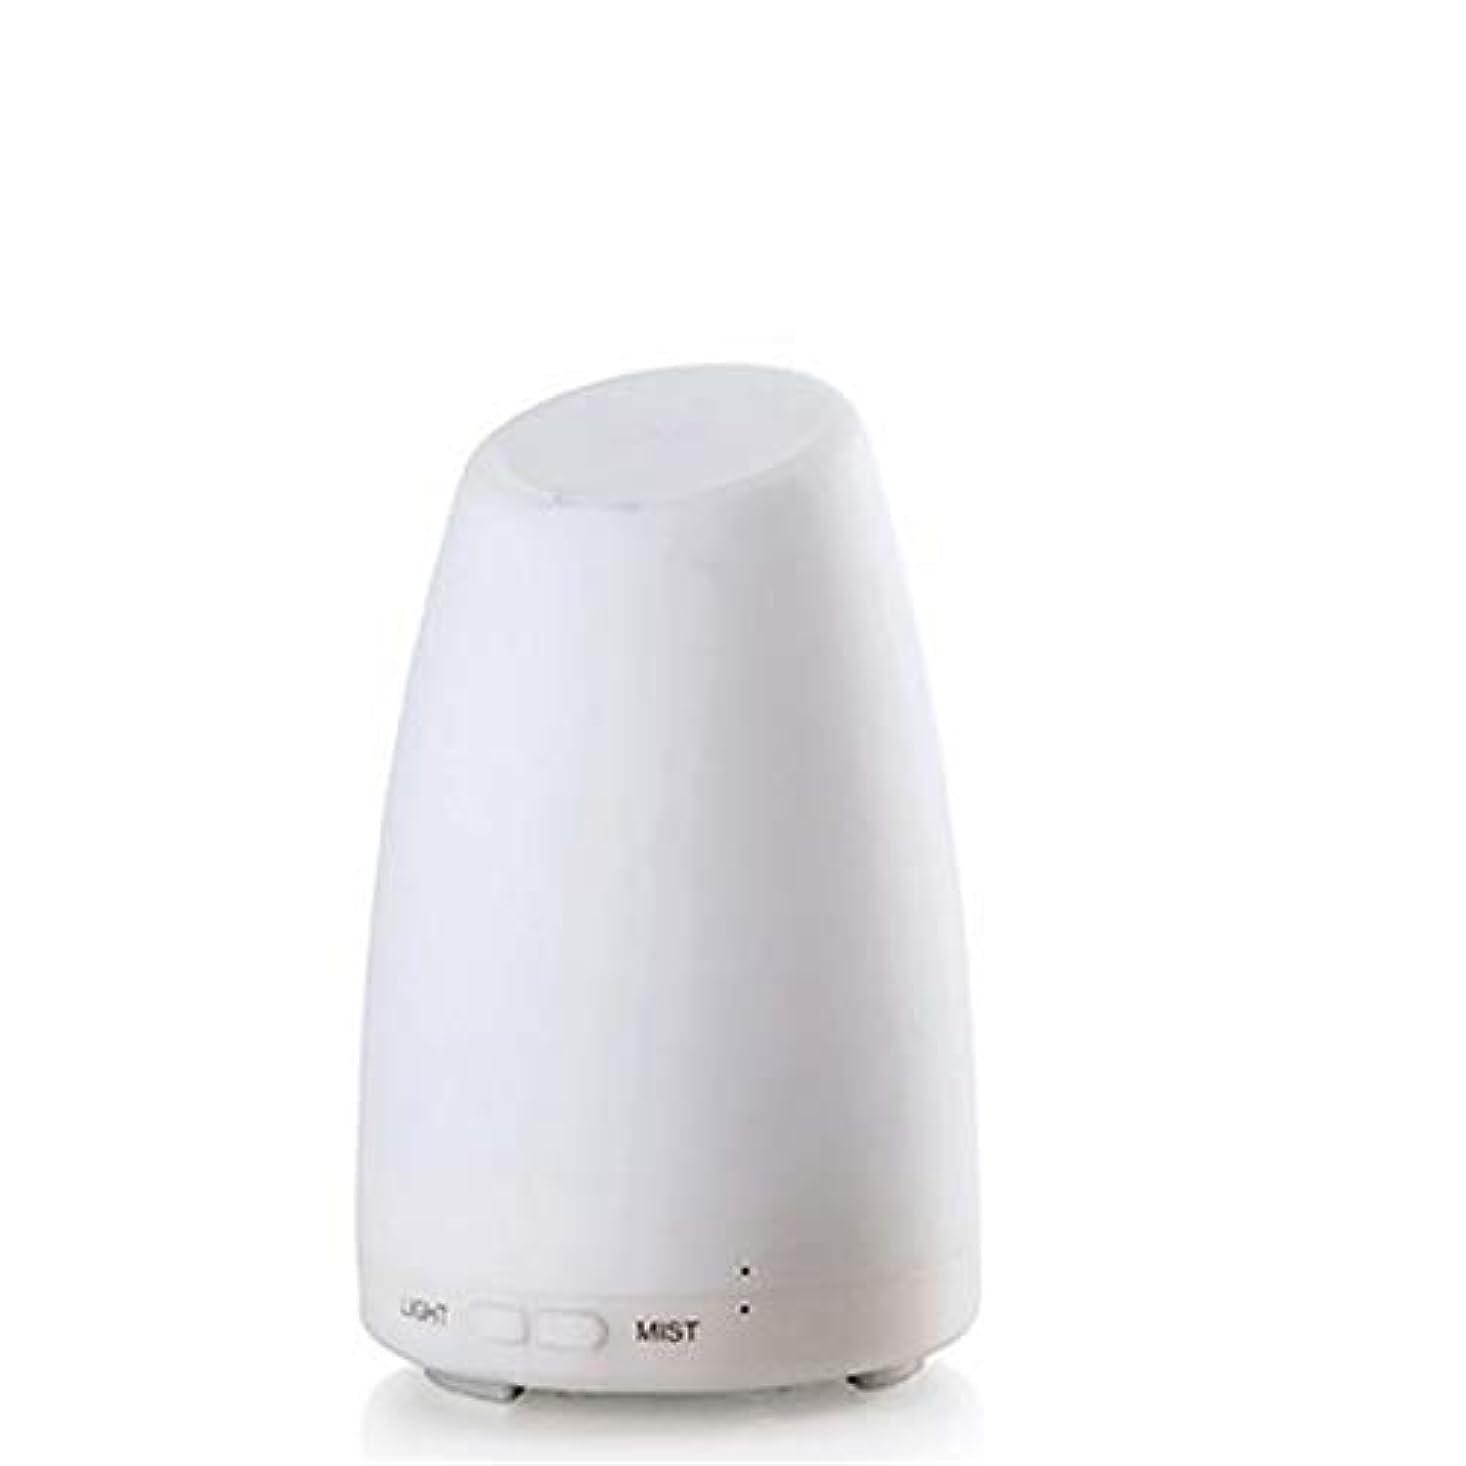 カッタースプリット薄めるエッセンシャルオイルディフューザー、霧コントロール4h 使用、低水自動シャットダウン、7種類の LED ライト、家庭、オフィス、寝室、家族のベビールームとの超音波 100 ml アロマディフューザー